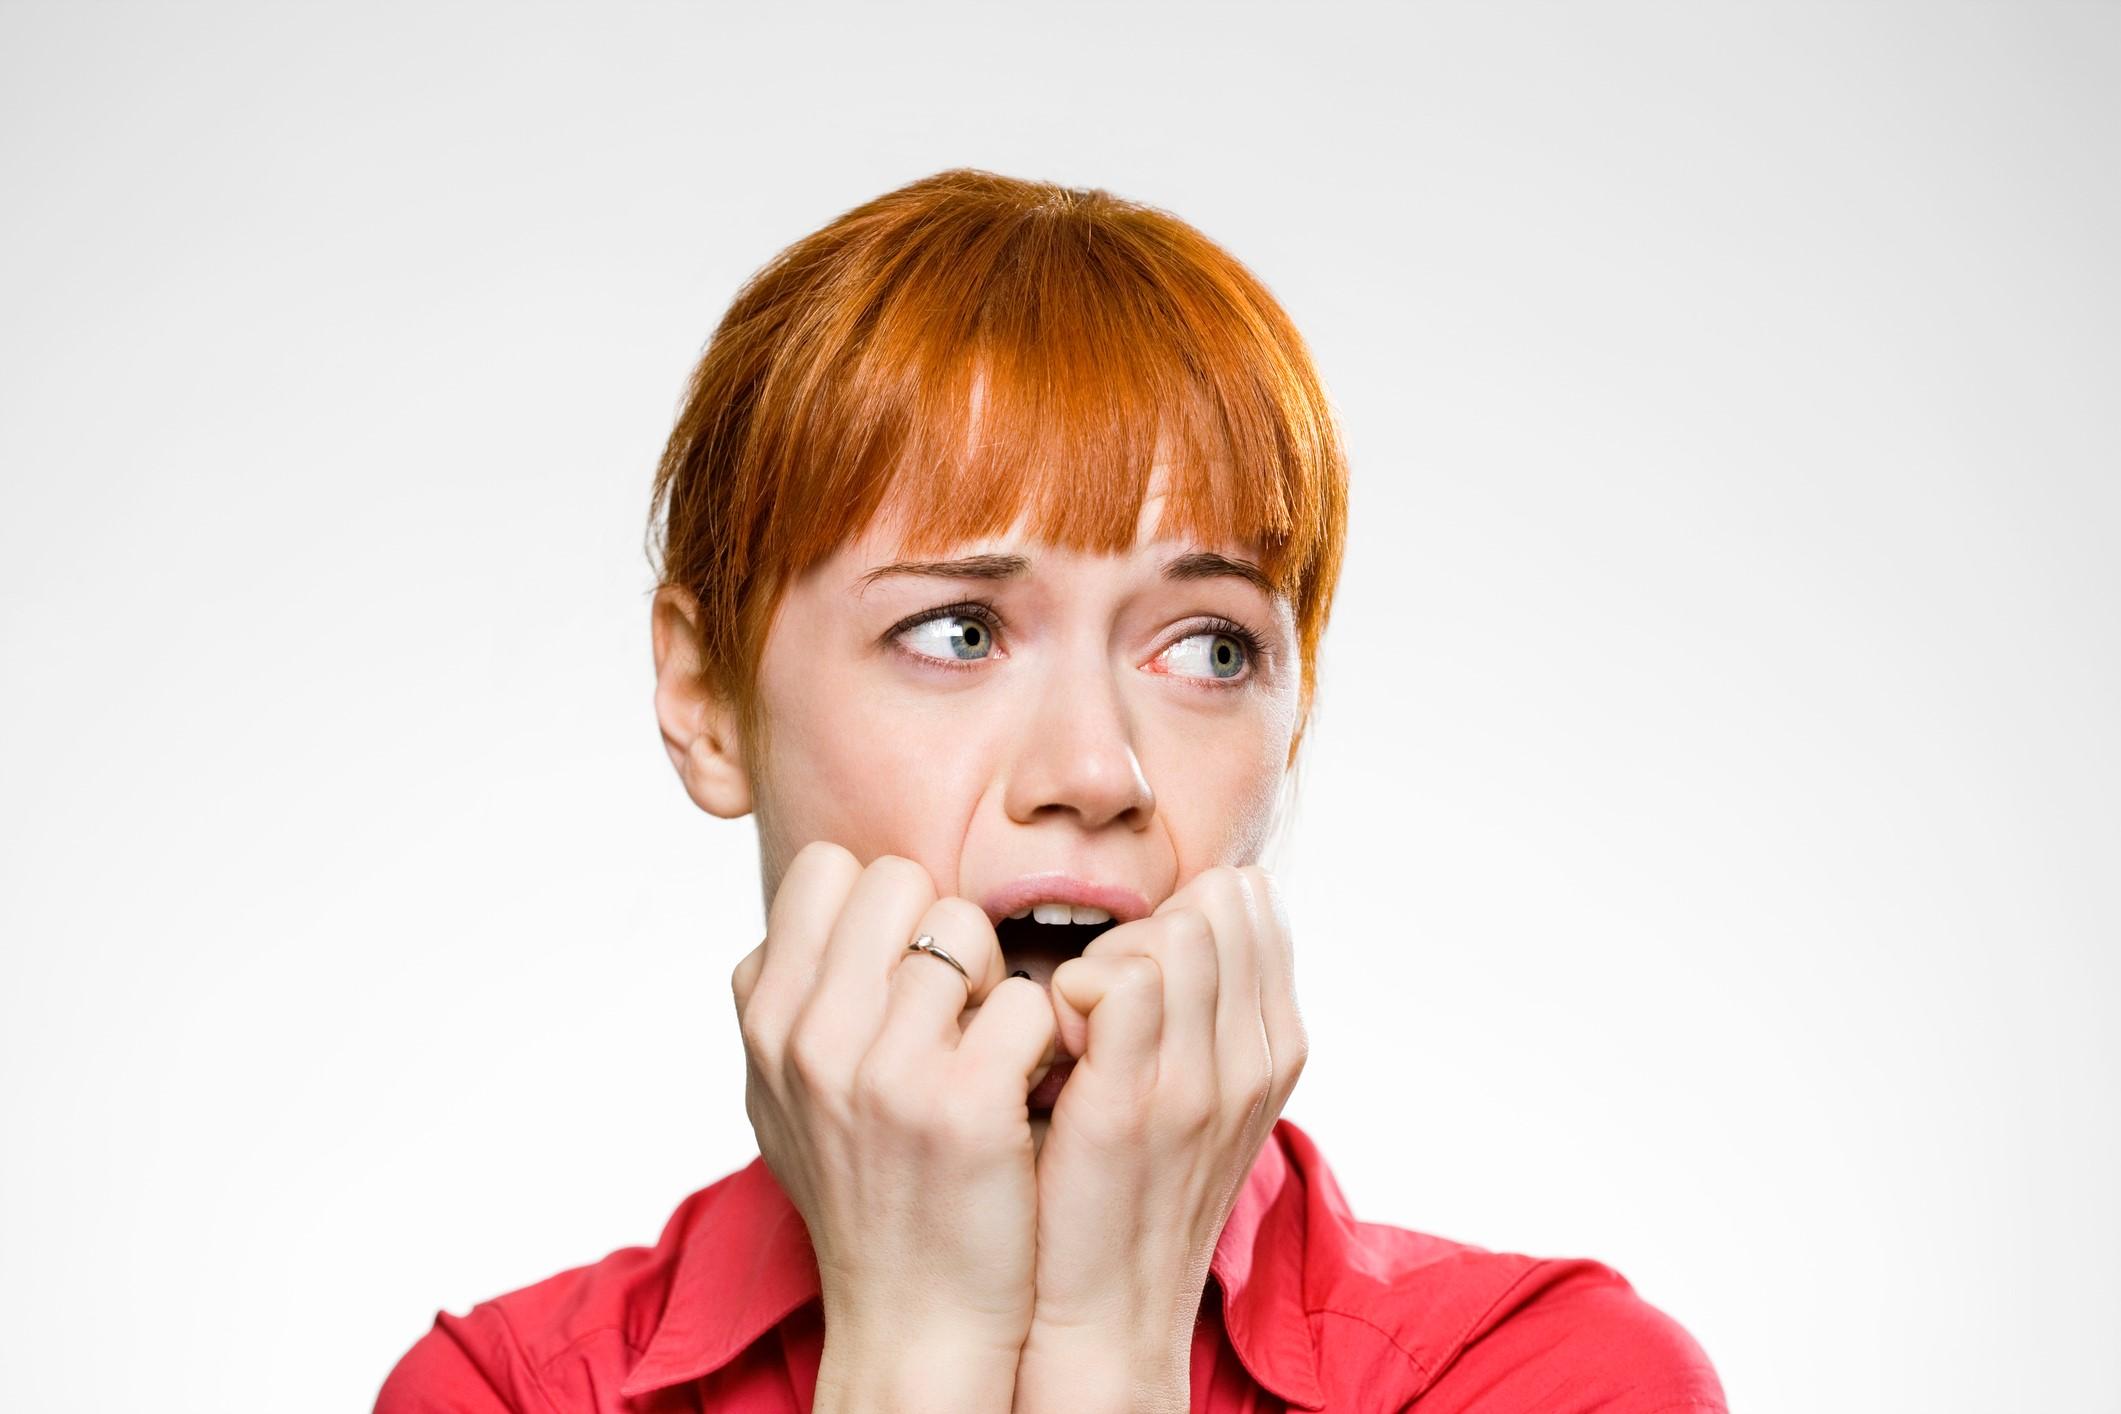 kiütés az arcon és a rossz lehelet féregmegelőzésre szolgáló gyógyszer